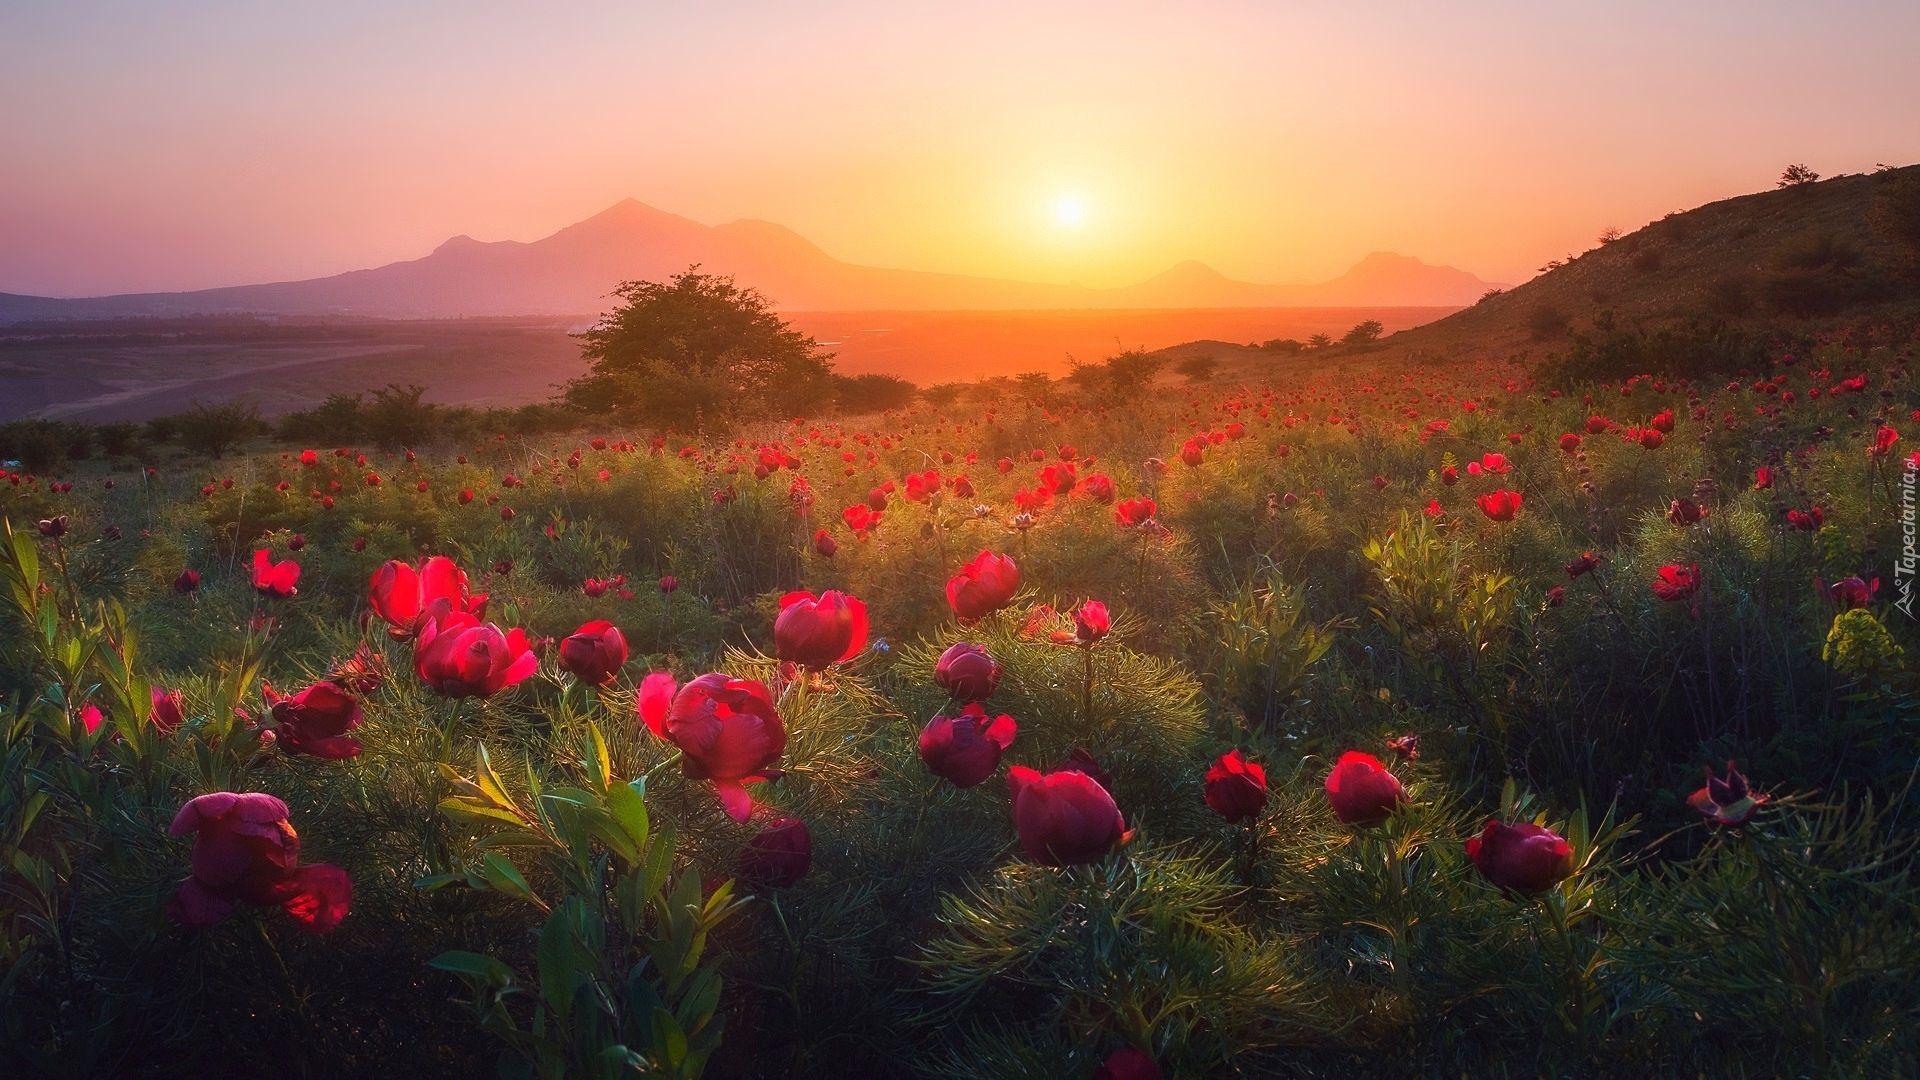 Zachod Slonca Gory Pole Drzewo Kwiaty Piwonie Laka Piekne Tapety Na Twoj Pulpit Landscape Photography Landscape Landscaping Jobs